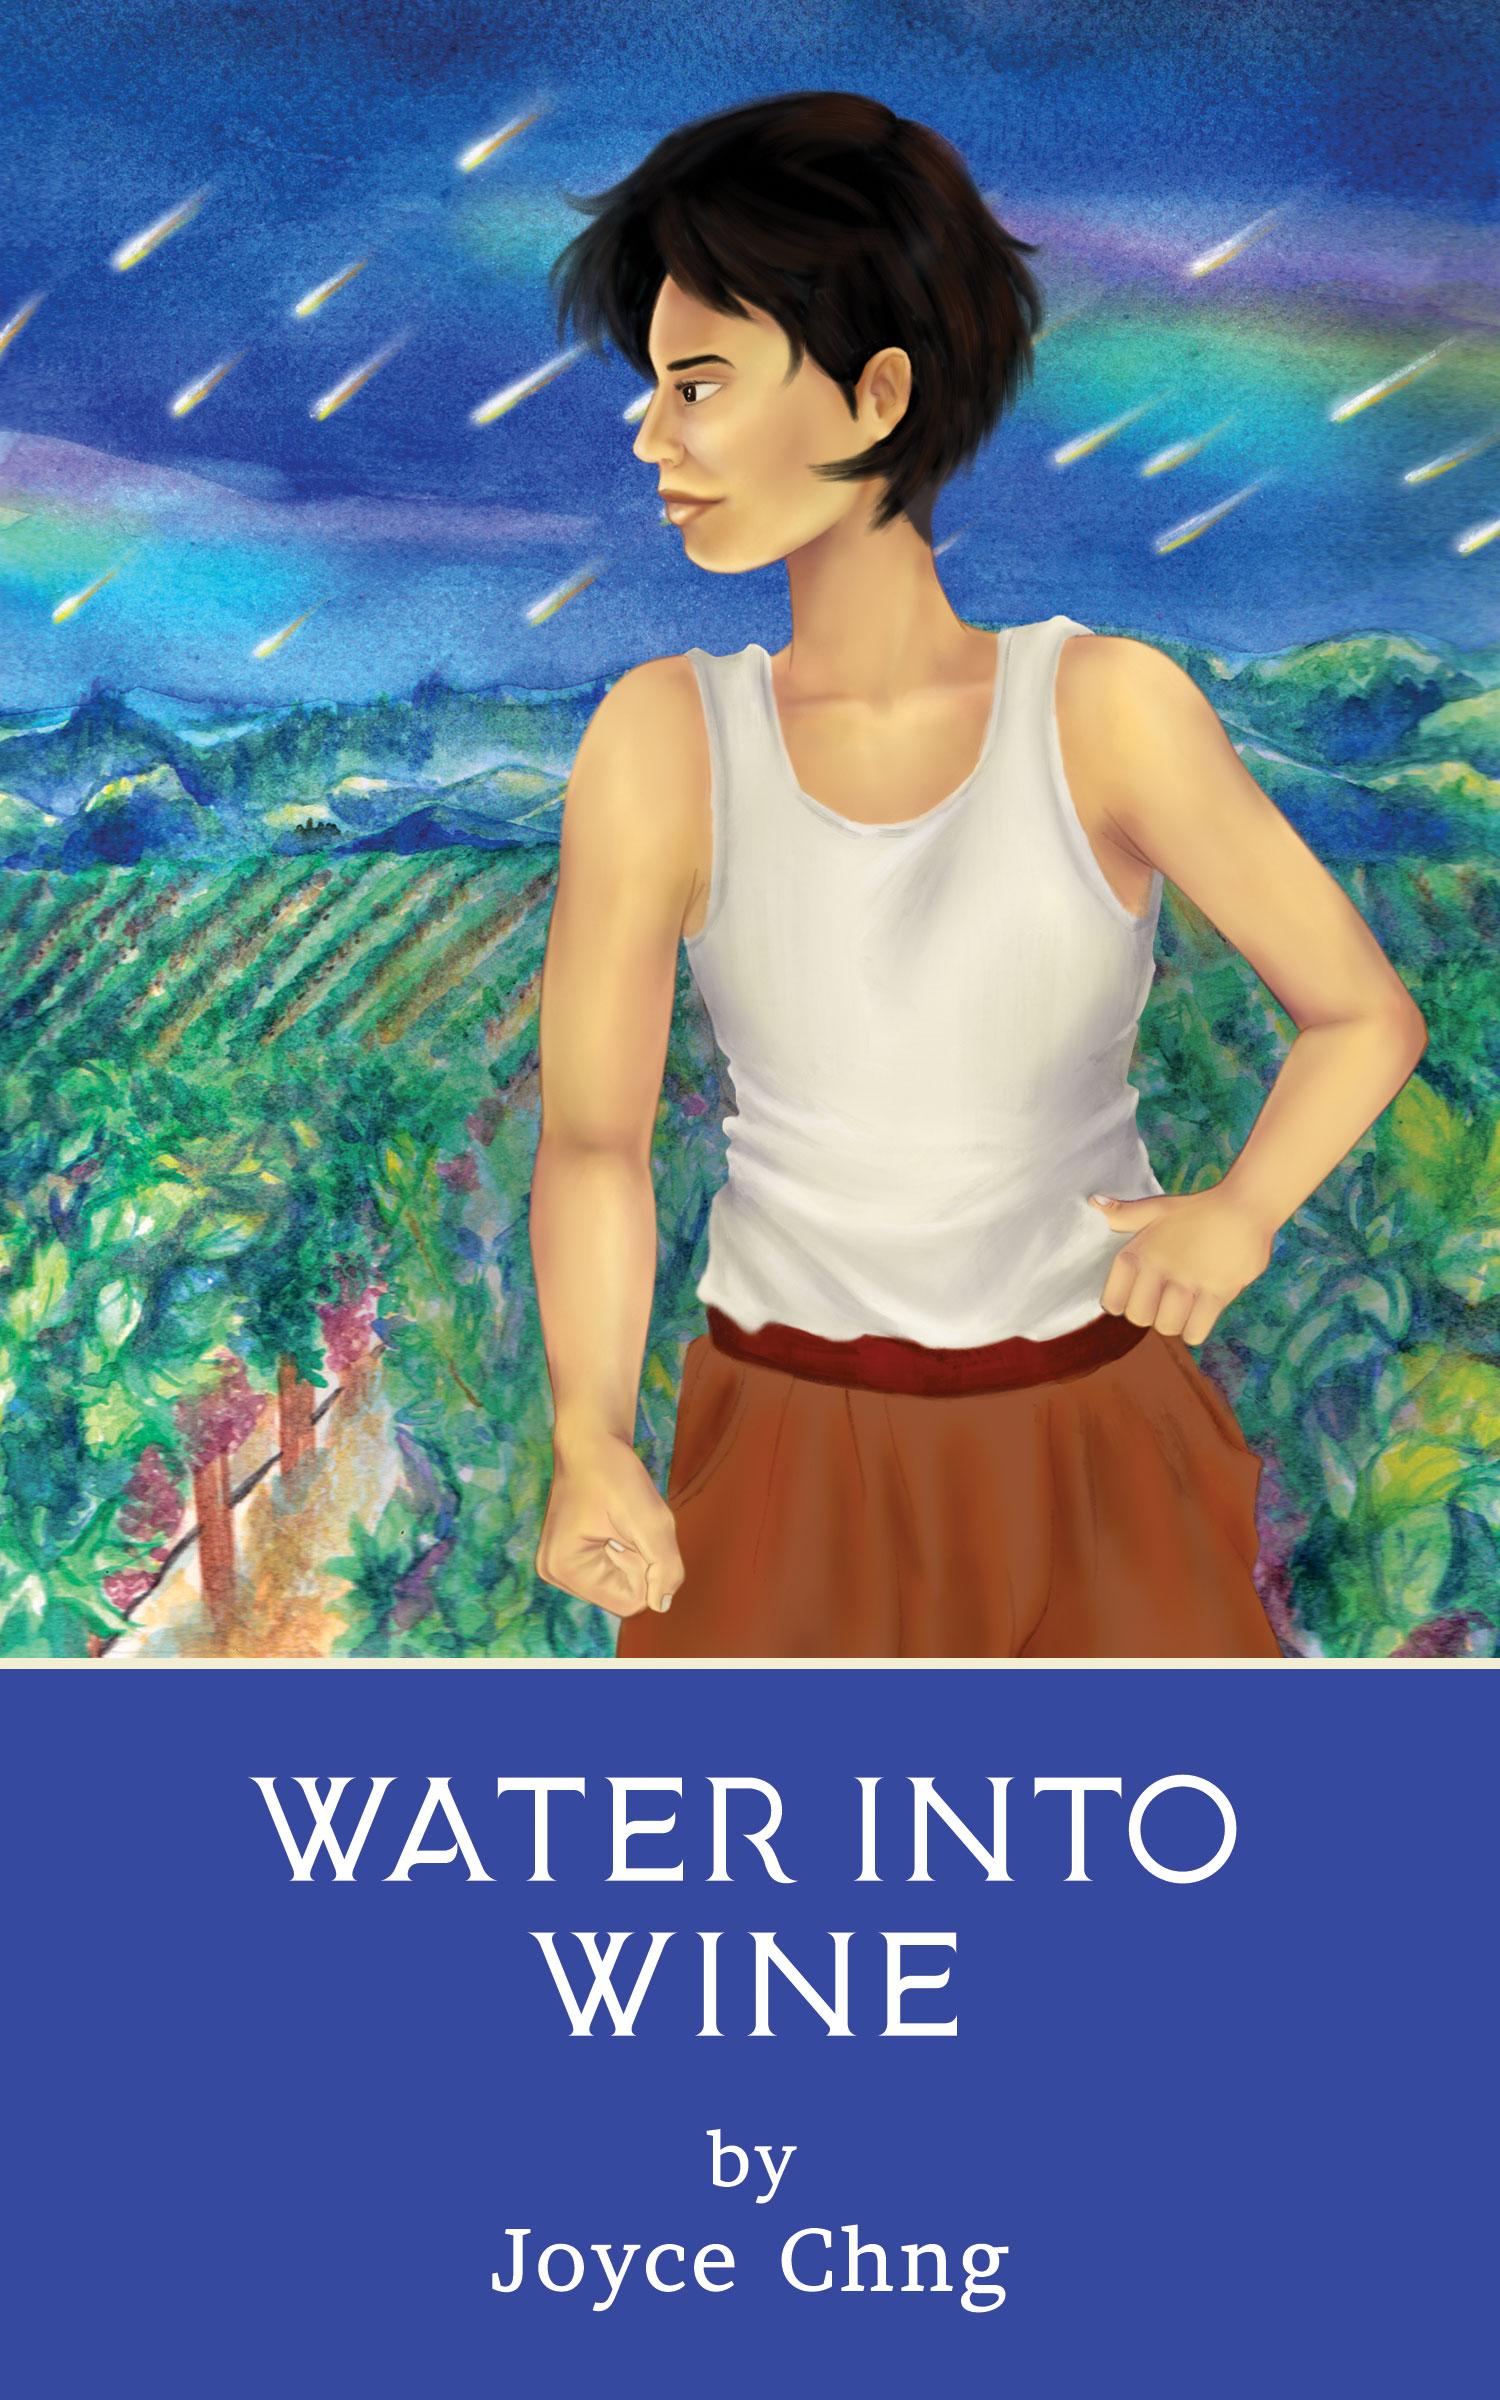 WaterintoWine_Ebook.jpg